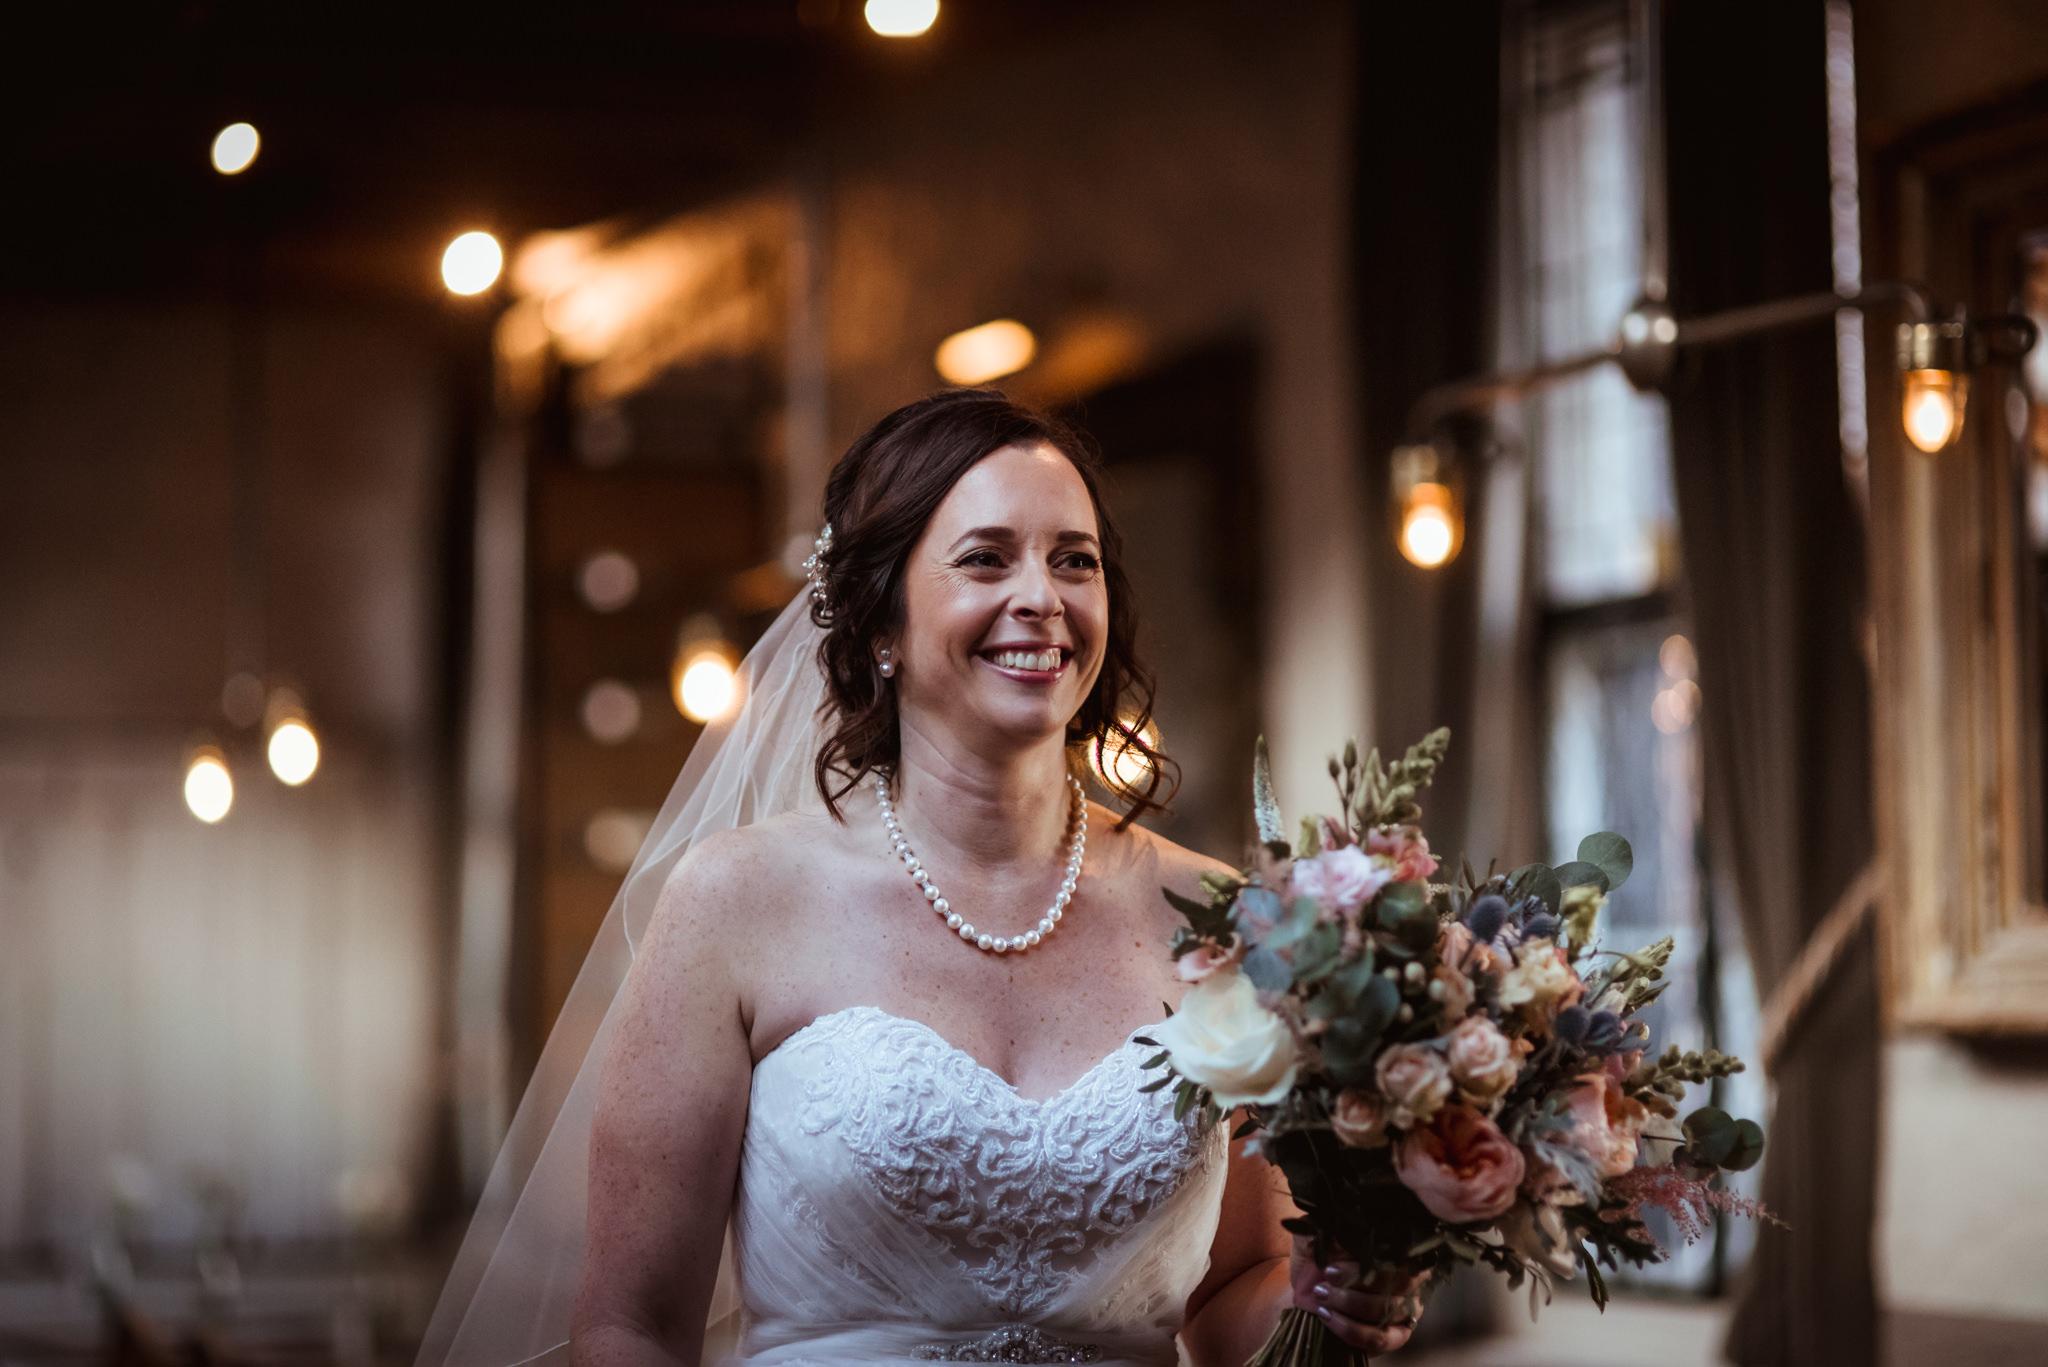 Ubiquitous-Chip-wedding-photography-(3).jpg